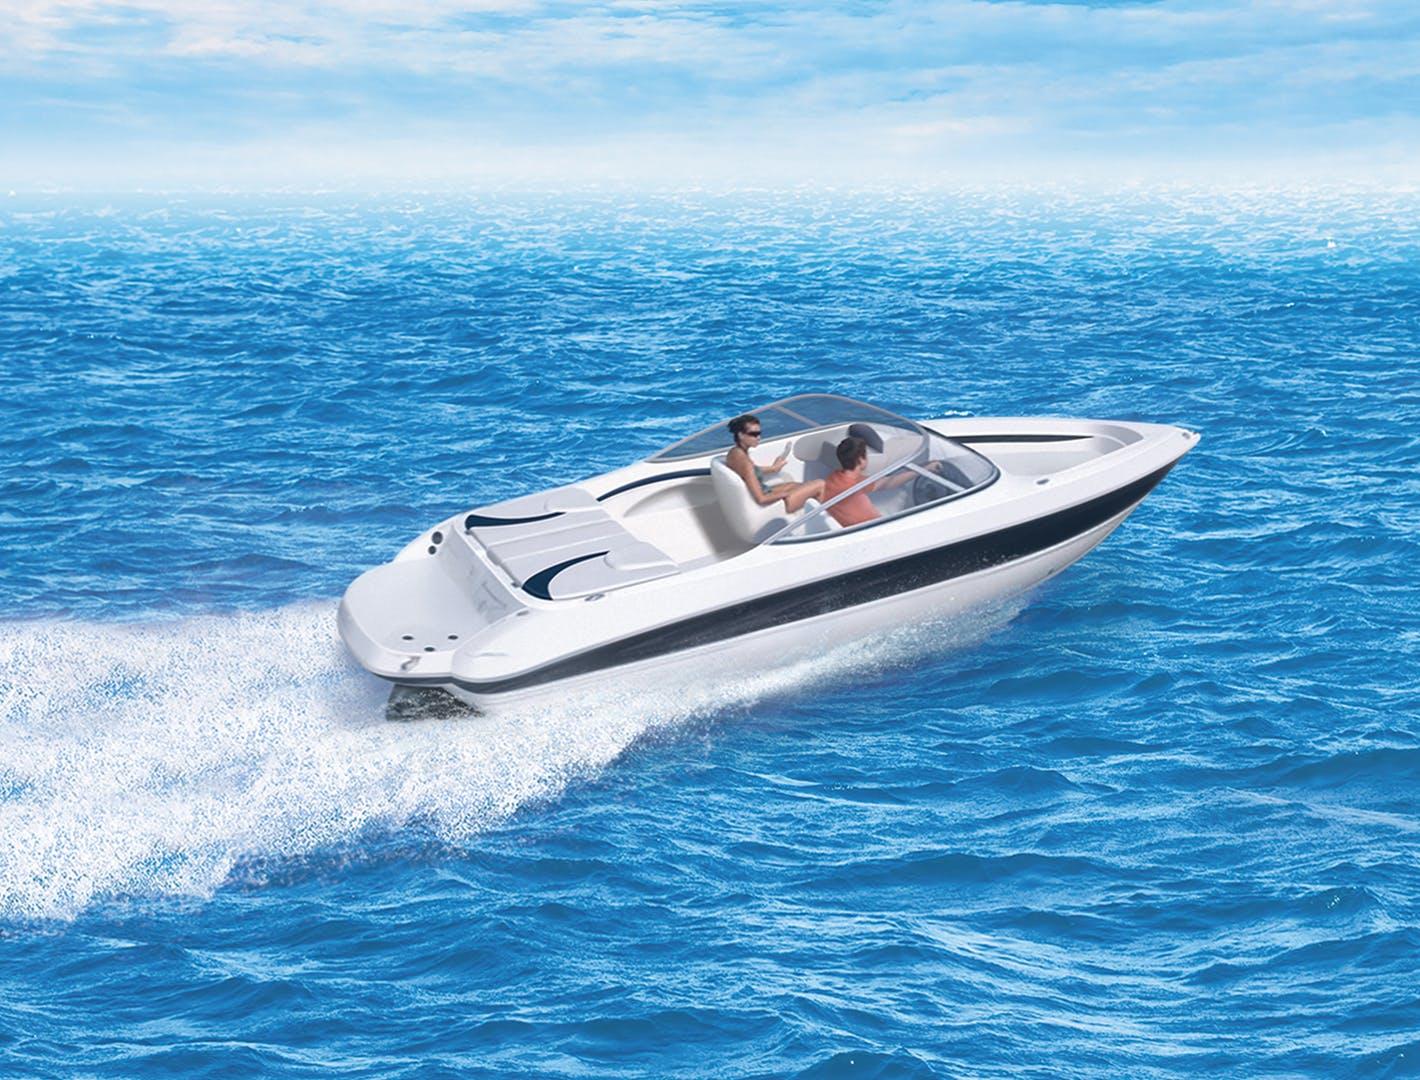 Bateau moteur inboard 2 temps sur l'eau